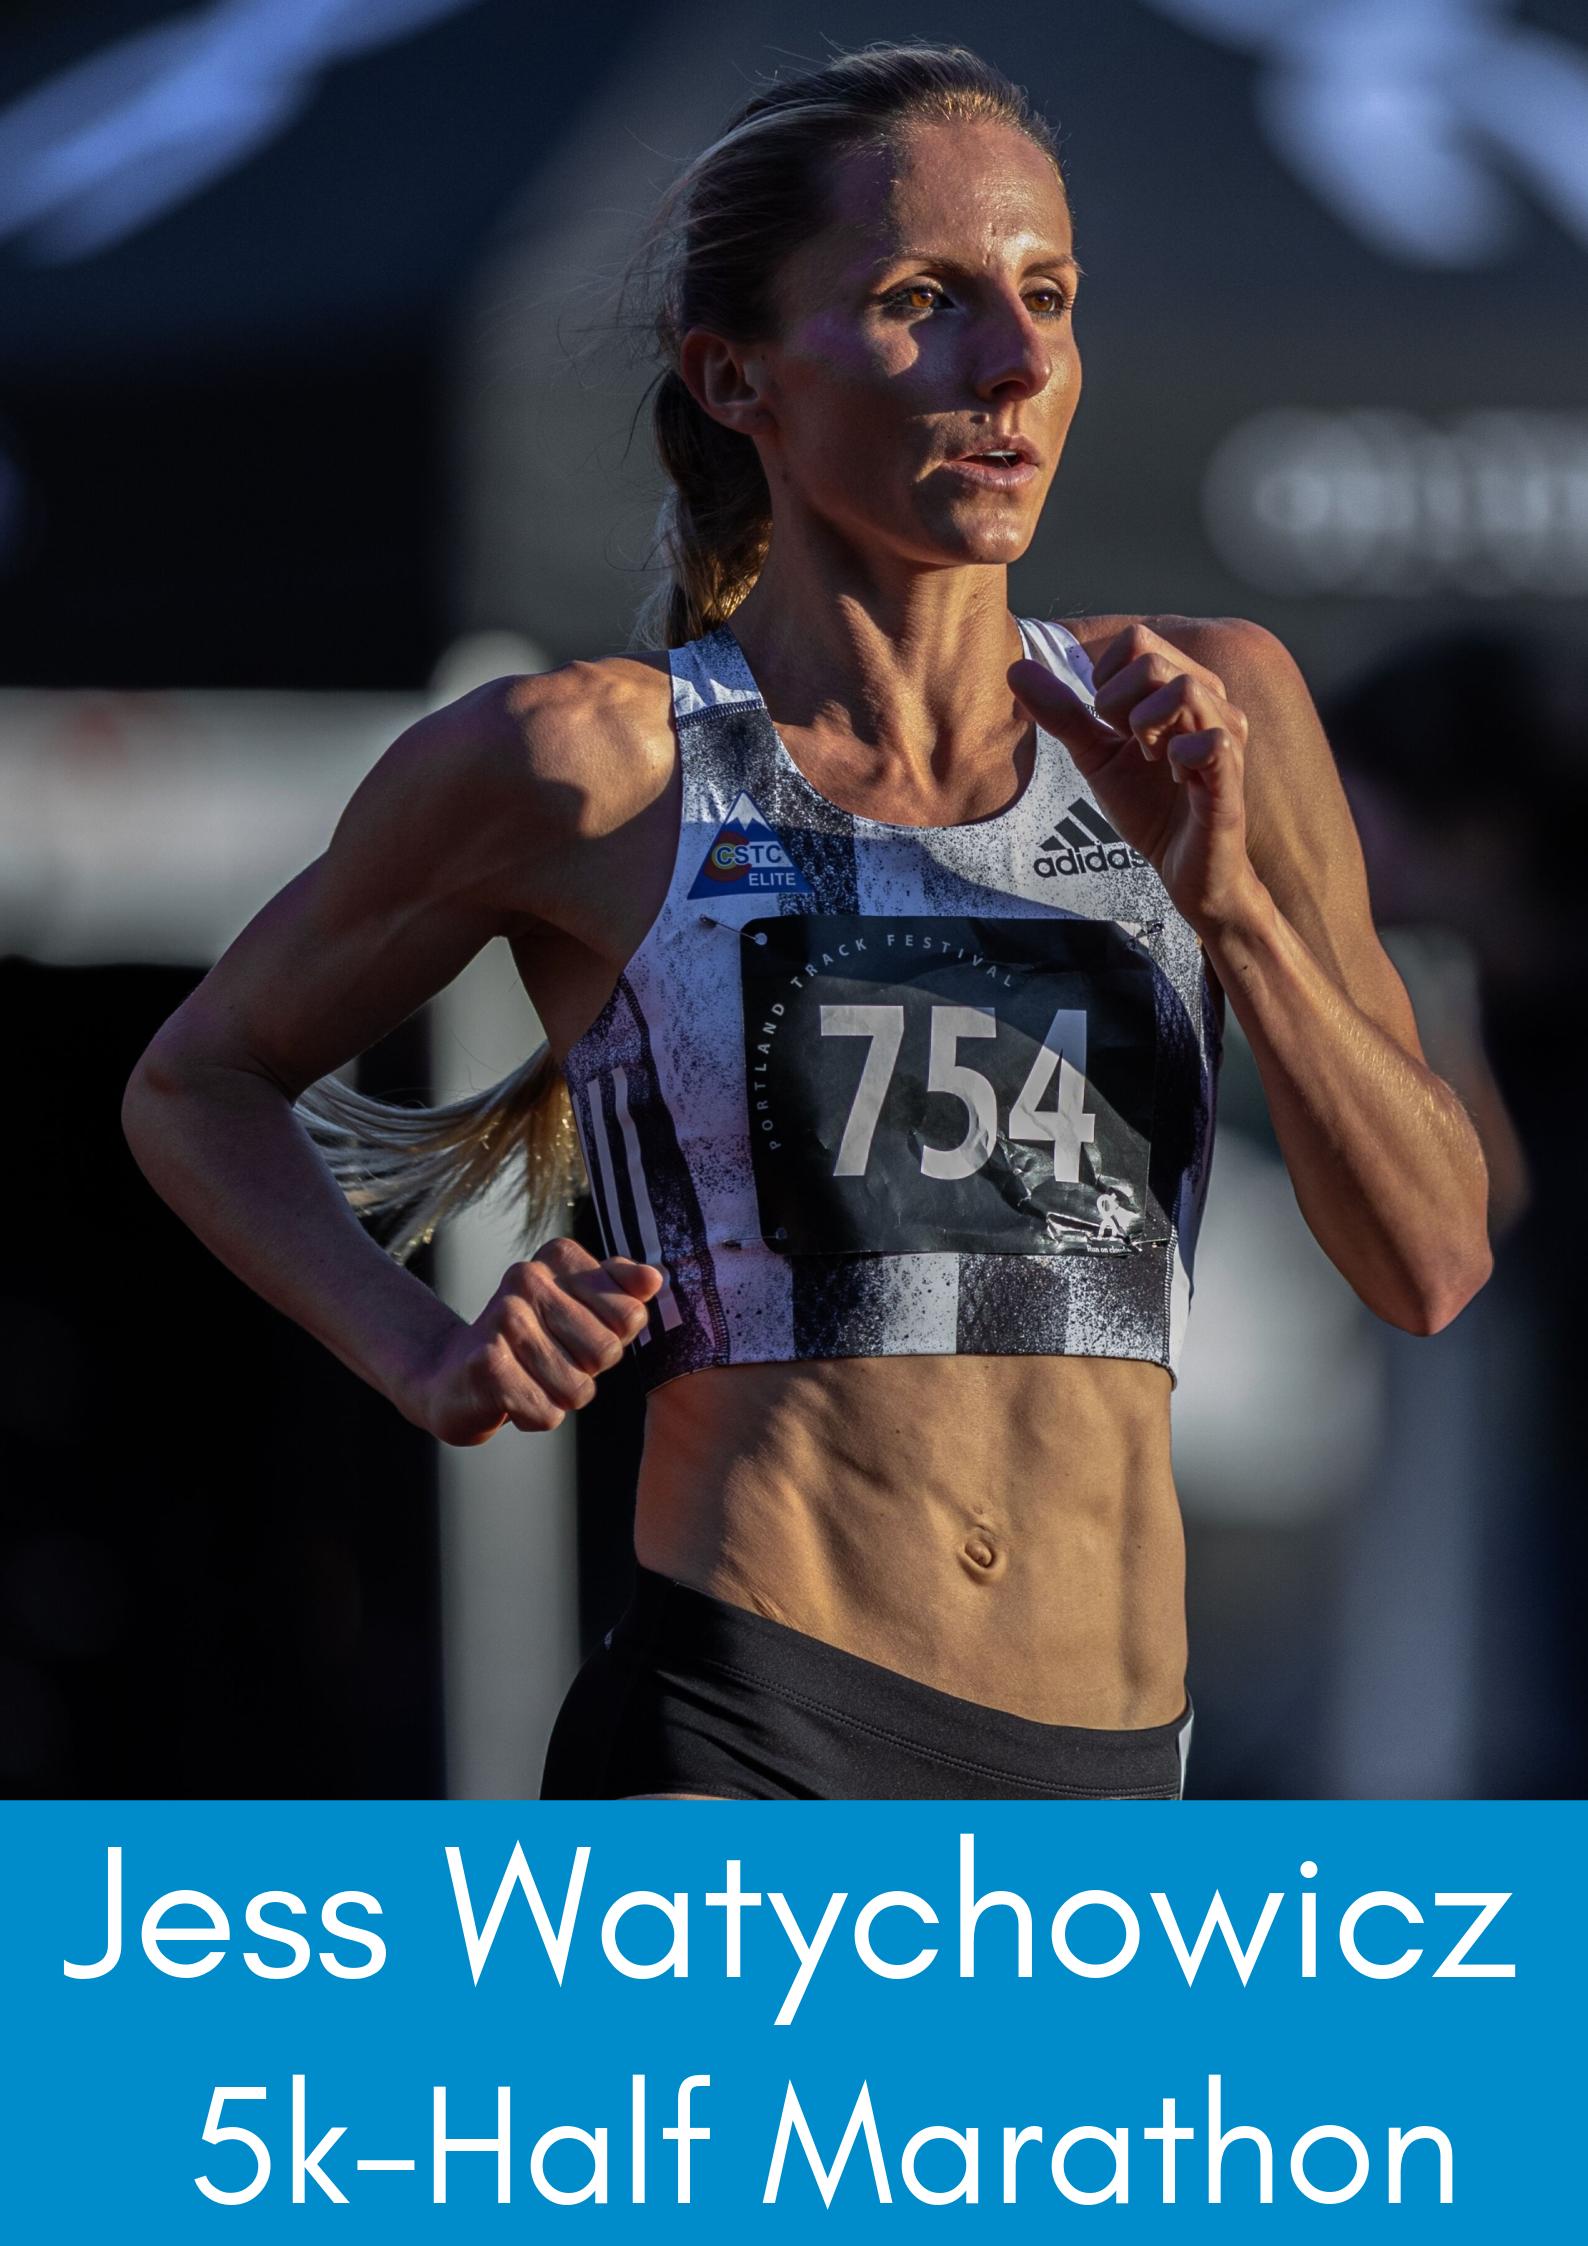 Jess Watychowicz